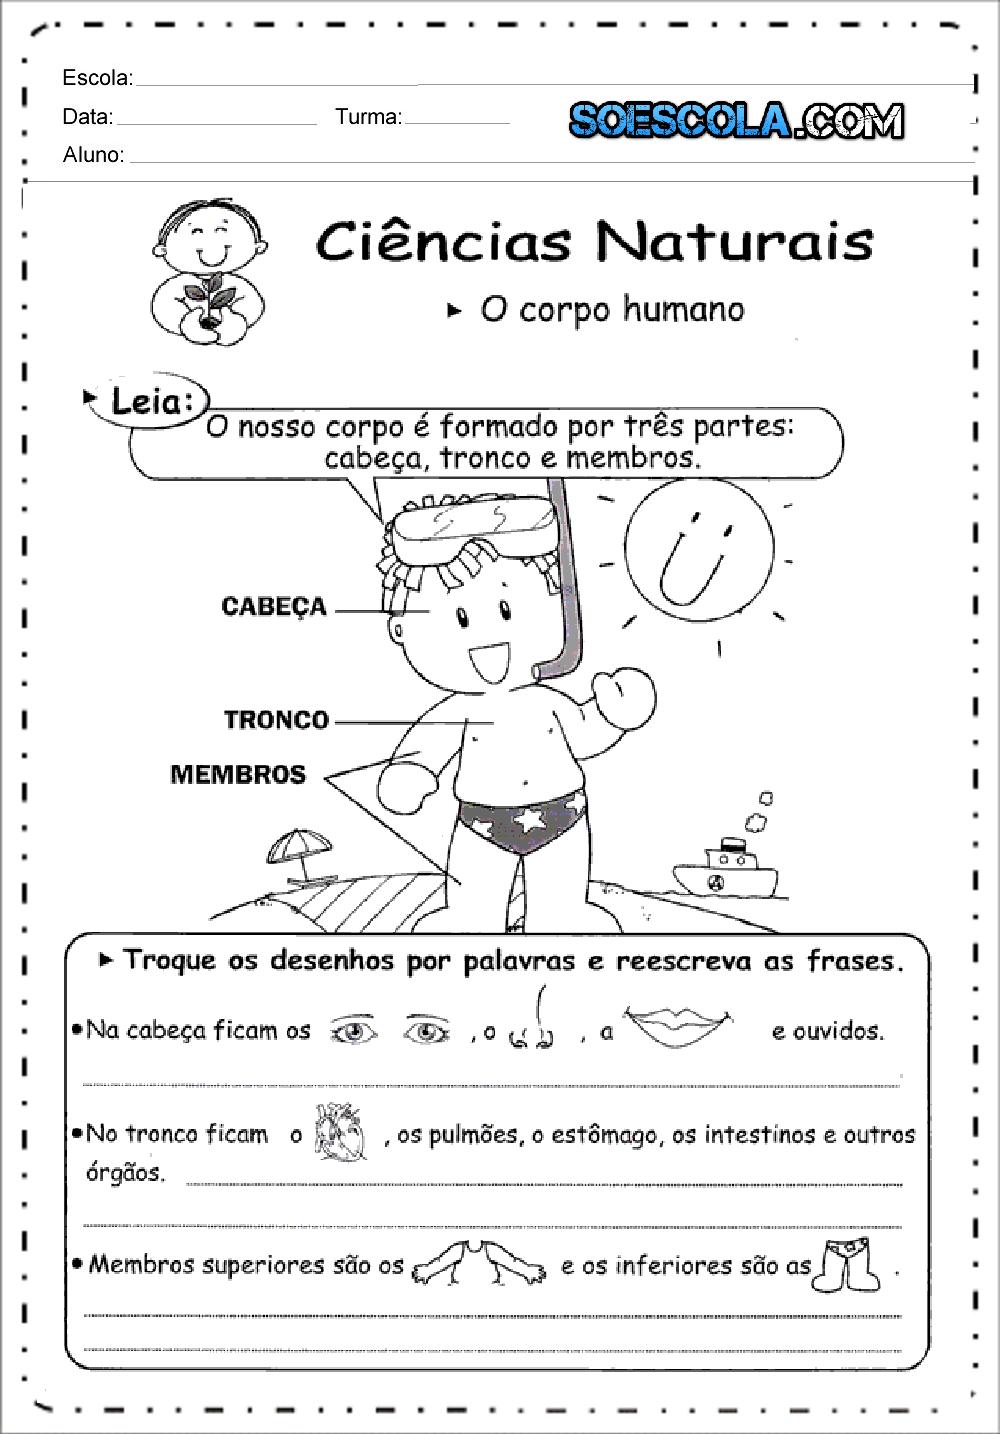 Atividades de Ciências 3 ano do Ensino Fundamental - Para Imprimir.